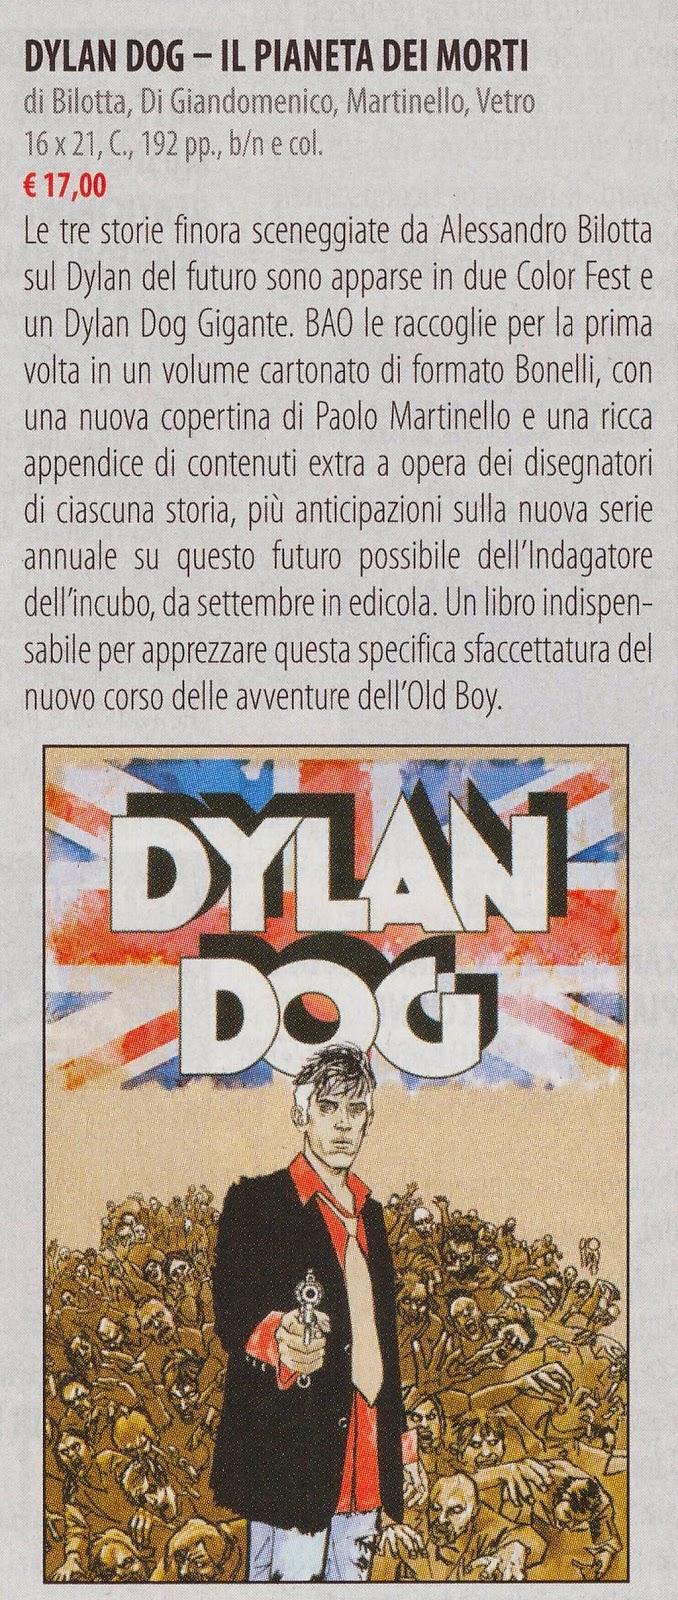 Dylan Dog - Il pianeta dei morti (Anteprima #272)